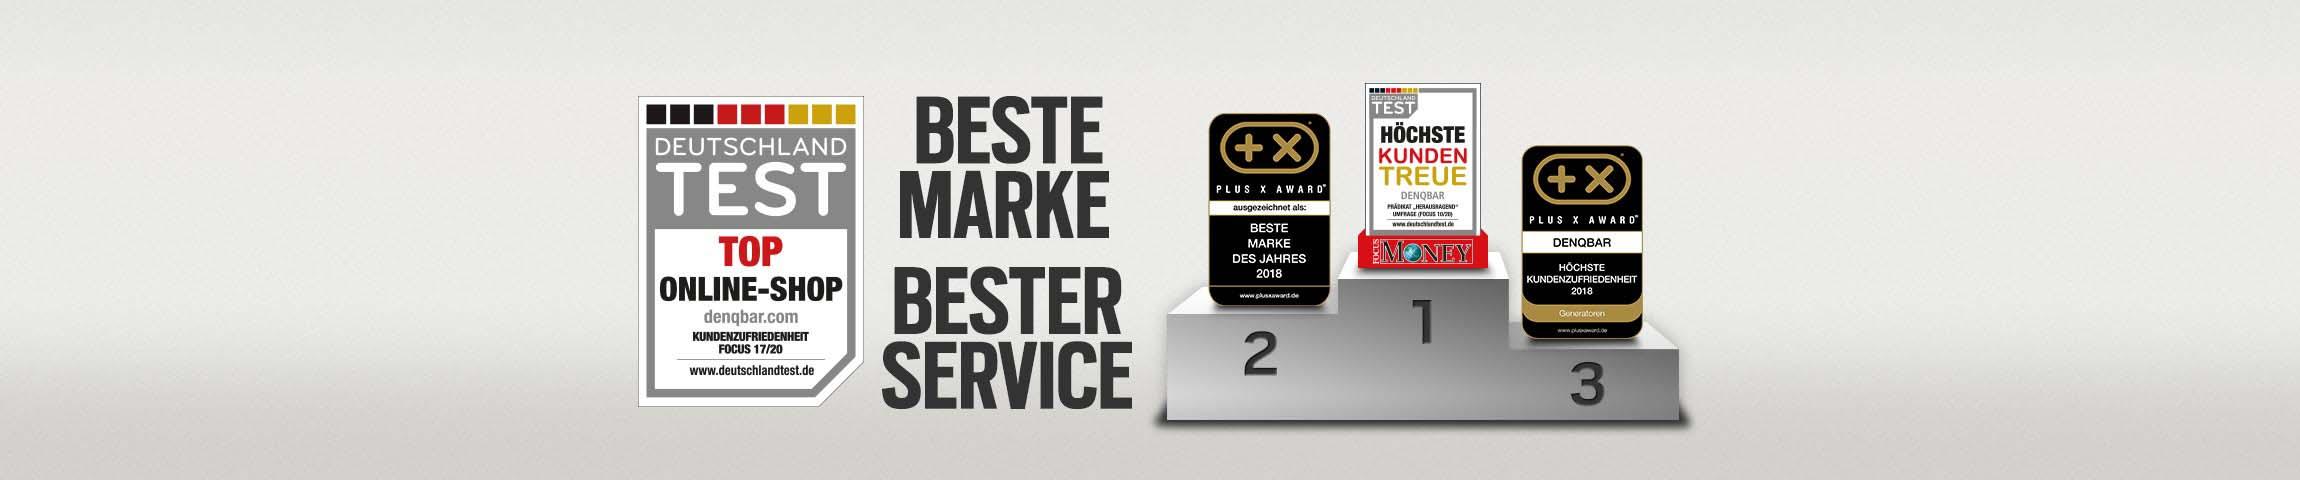 Beste marke - Bester Service